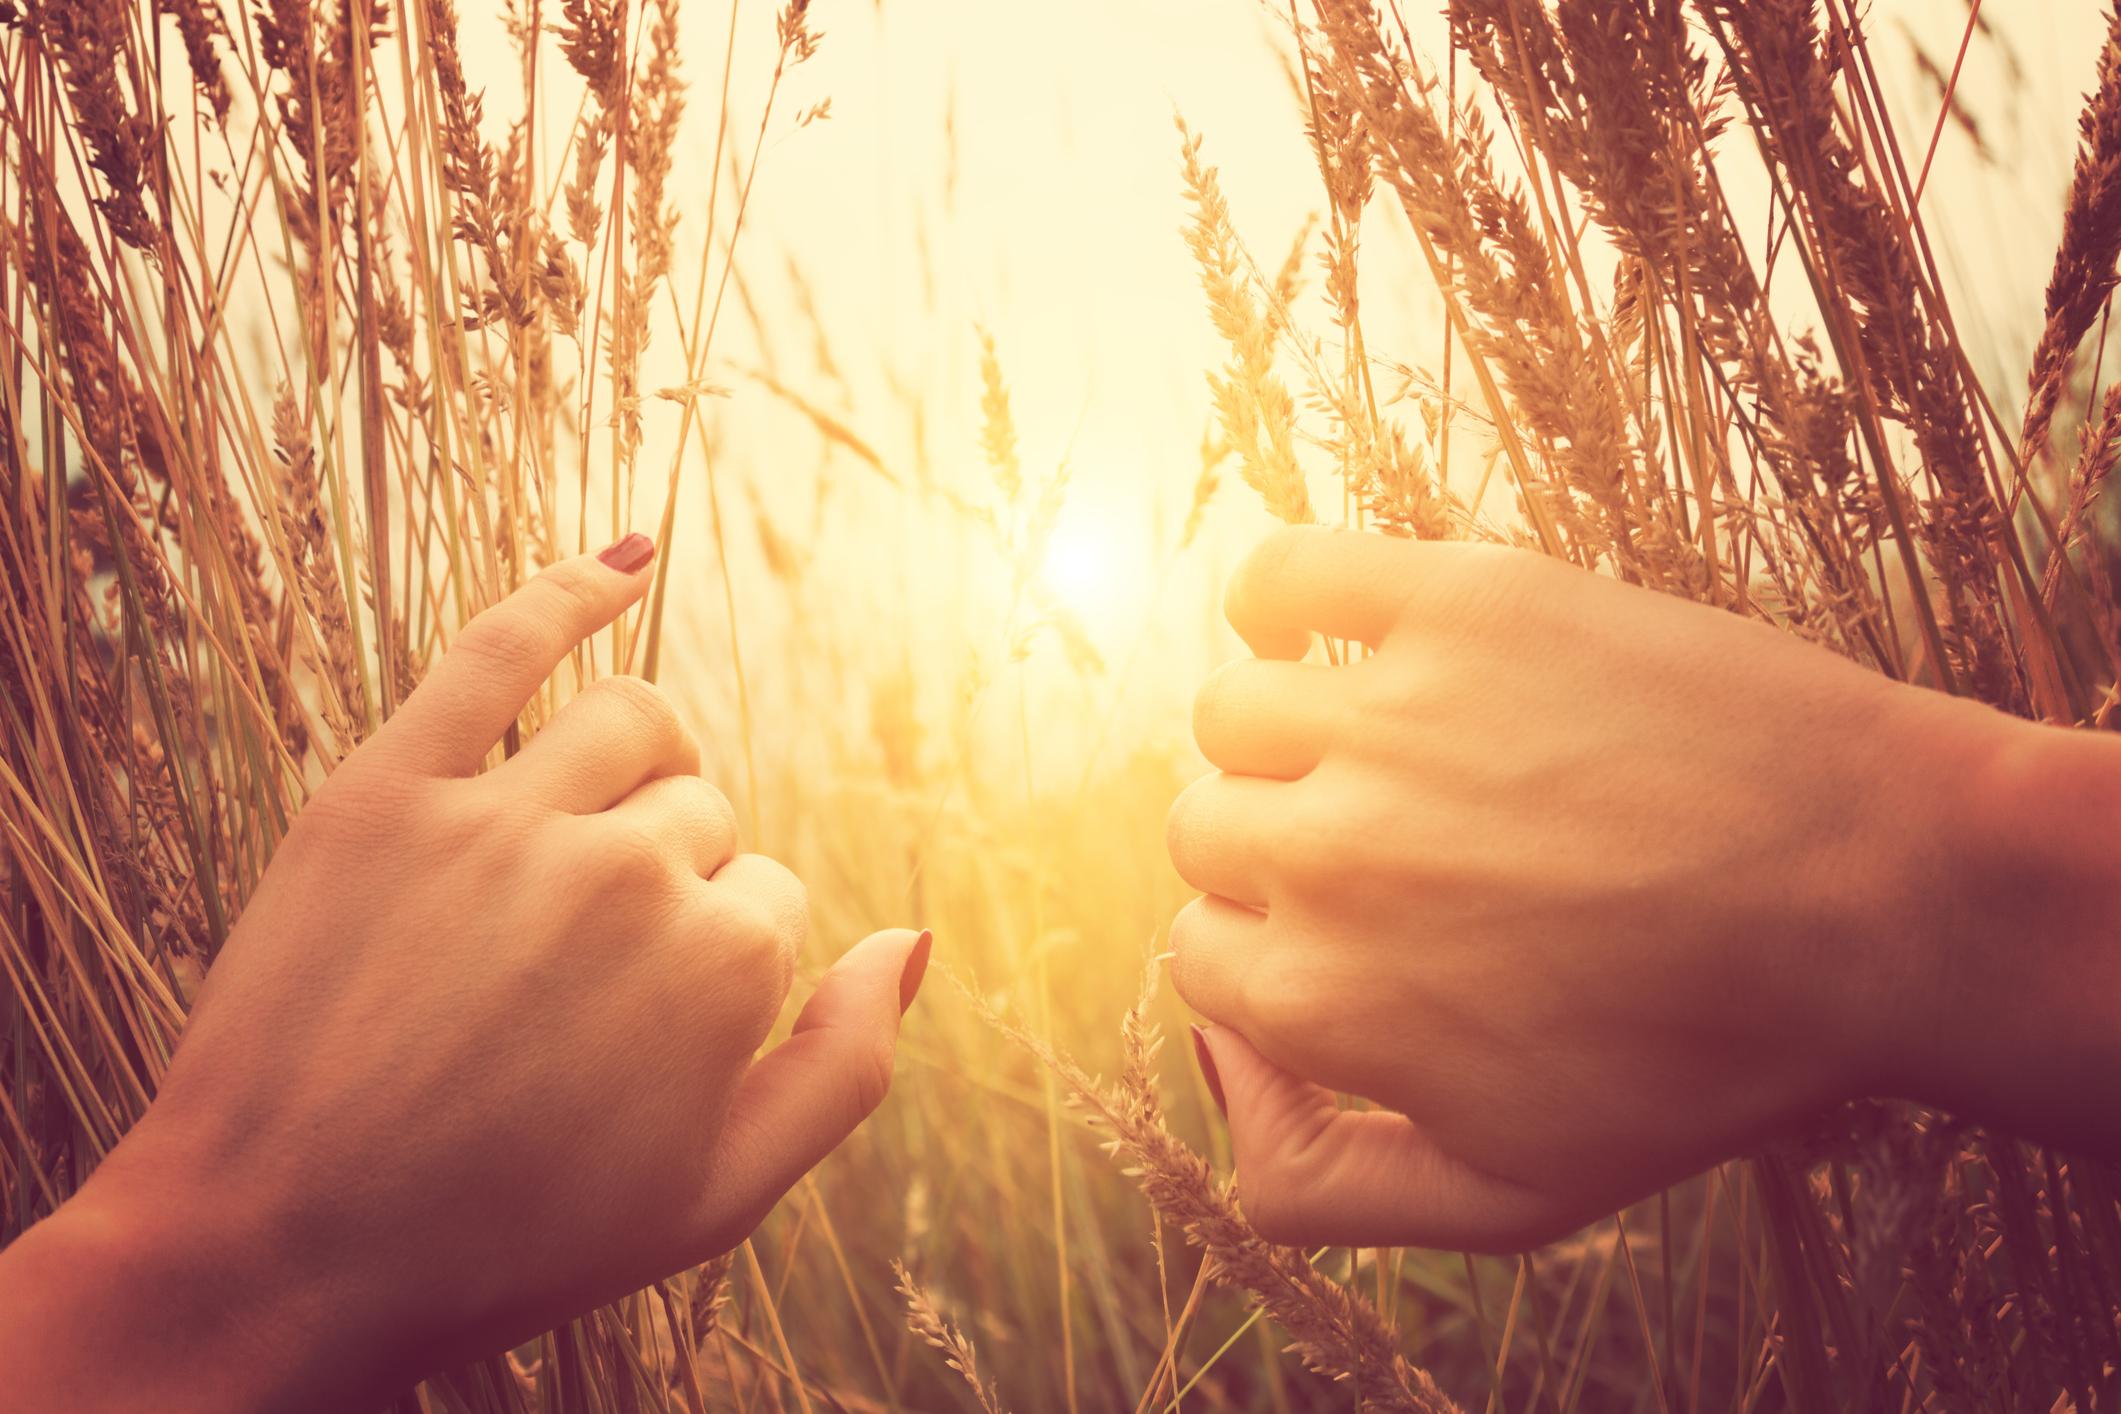 Bienvenidos a la Página de consejería y Terapia para Trauma - -Psicoterapeuta de Adultos y Jóvenes, Adriana Alejandre